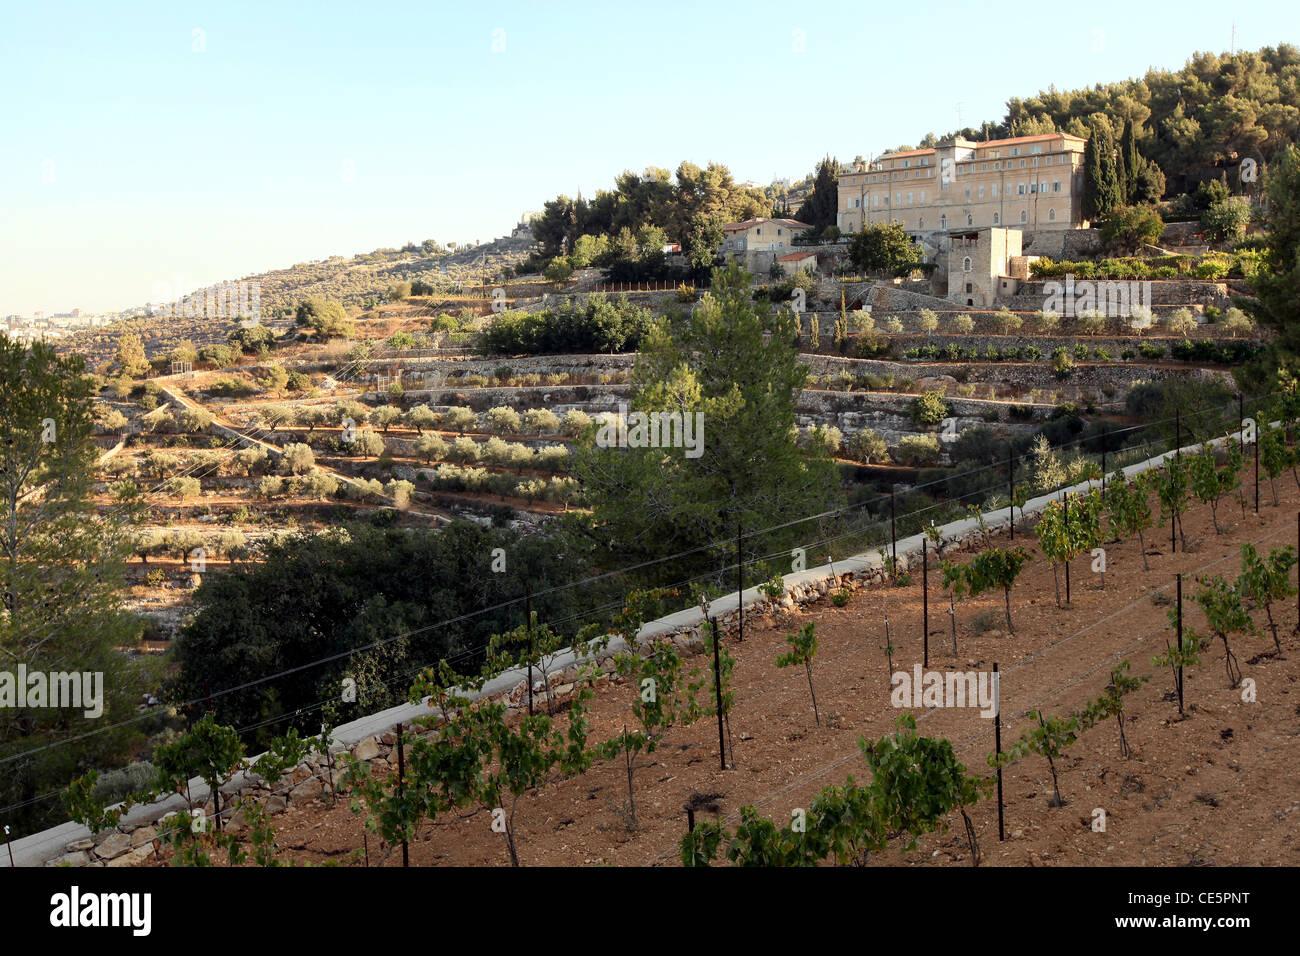 Weinberg des Weinguts Cremisan betrieben und verwaltet von der Salesianer Don Boscos Kongregation. Beit Jala bei Stockbild